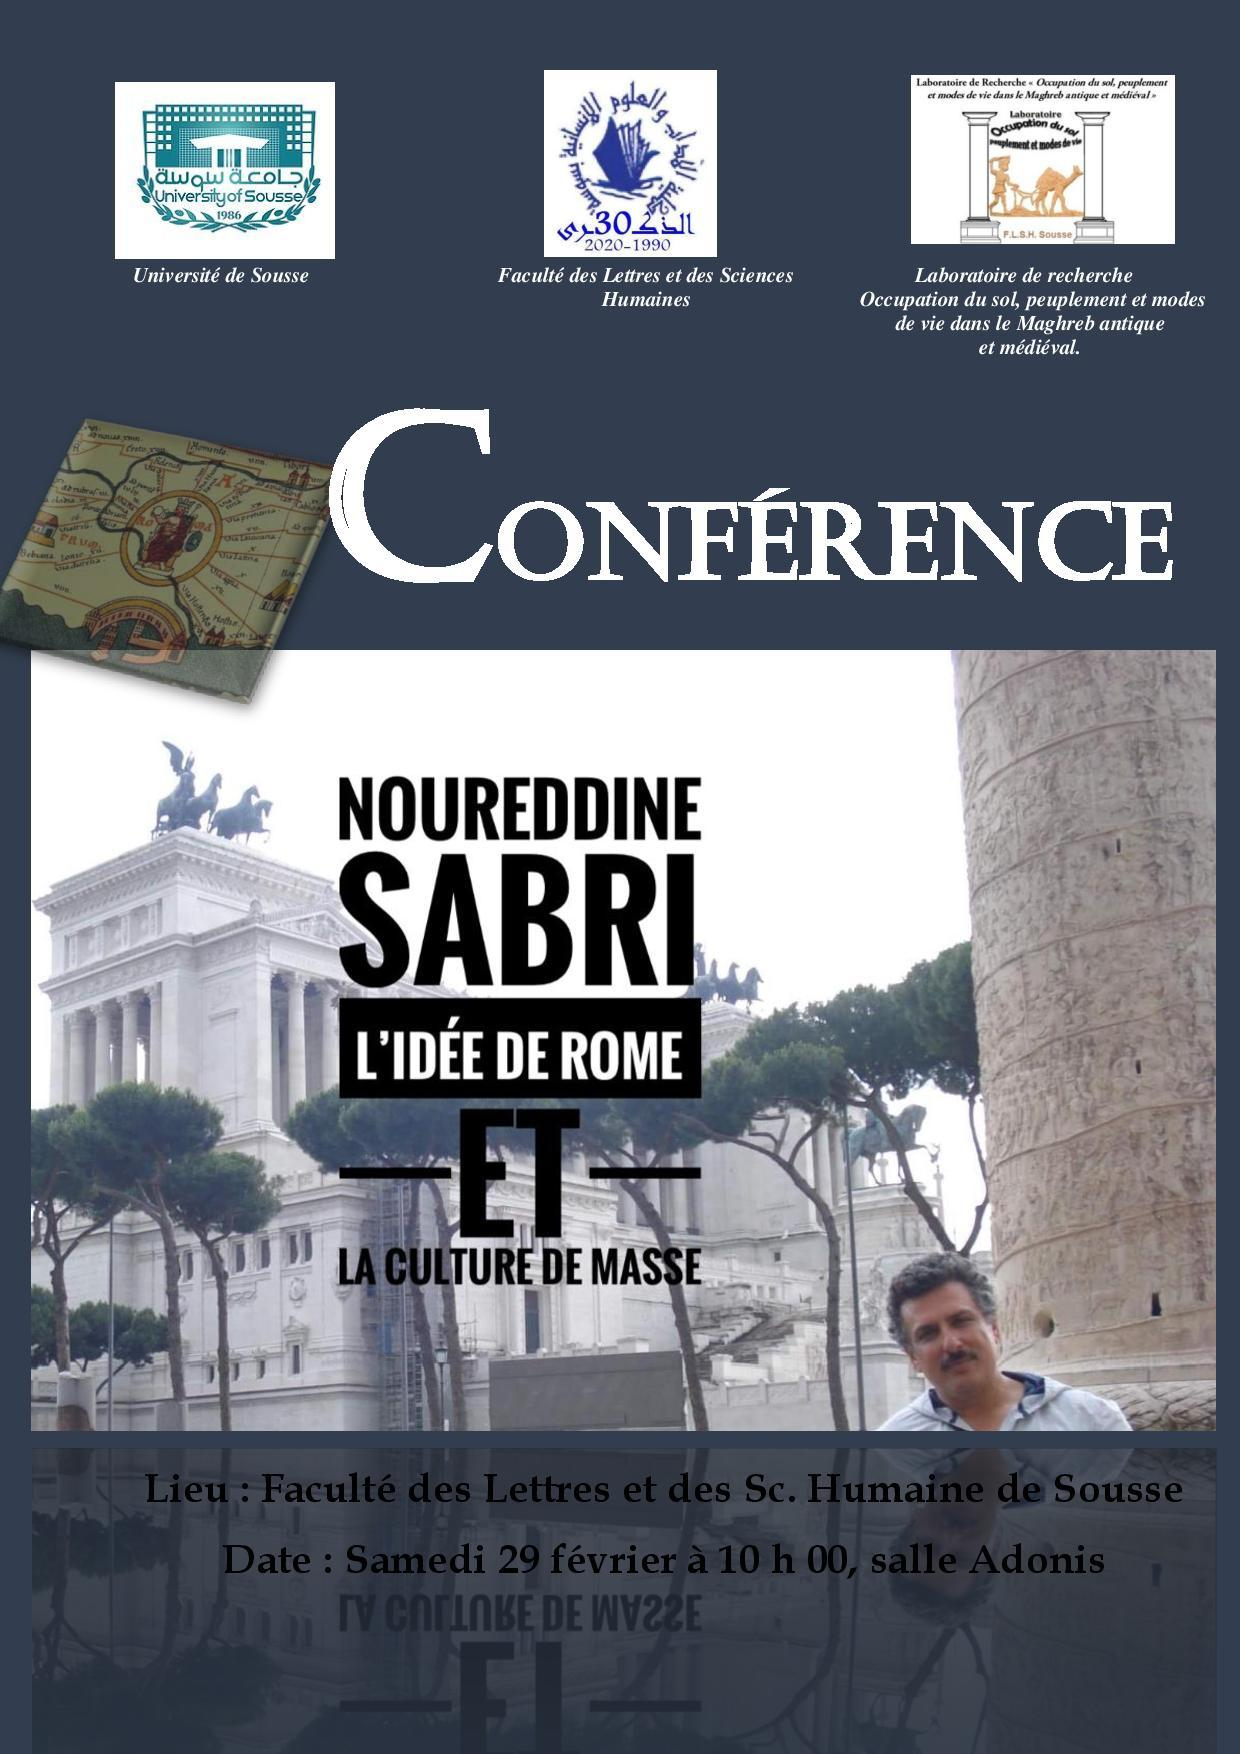 Conférence de Mr Noureddine Sabri